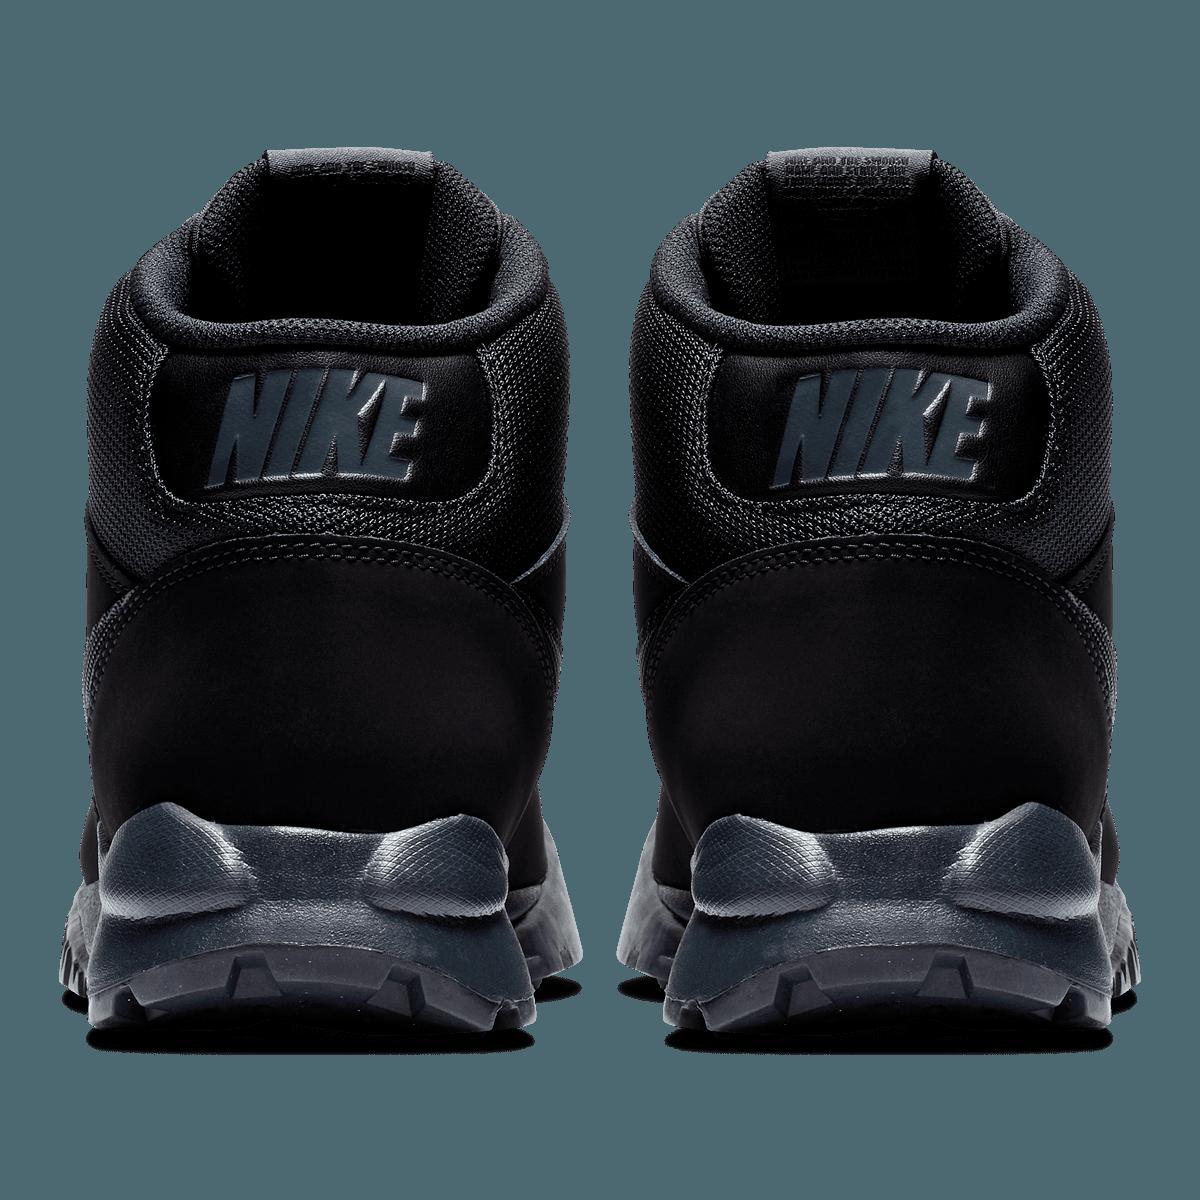 Nike Freizeitschuh Hoodland Suede schwarzanthrazit